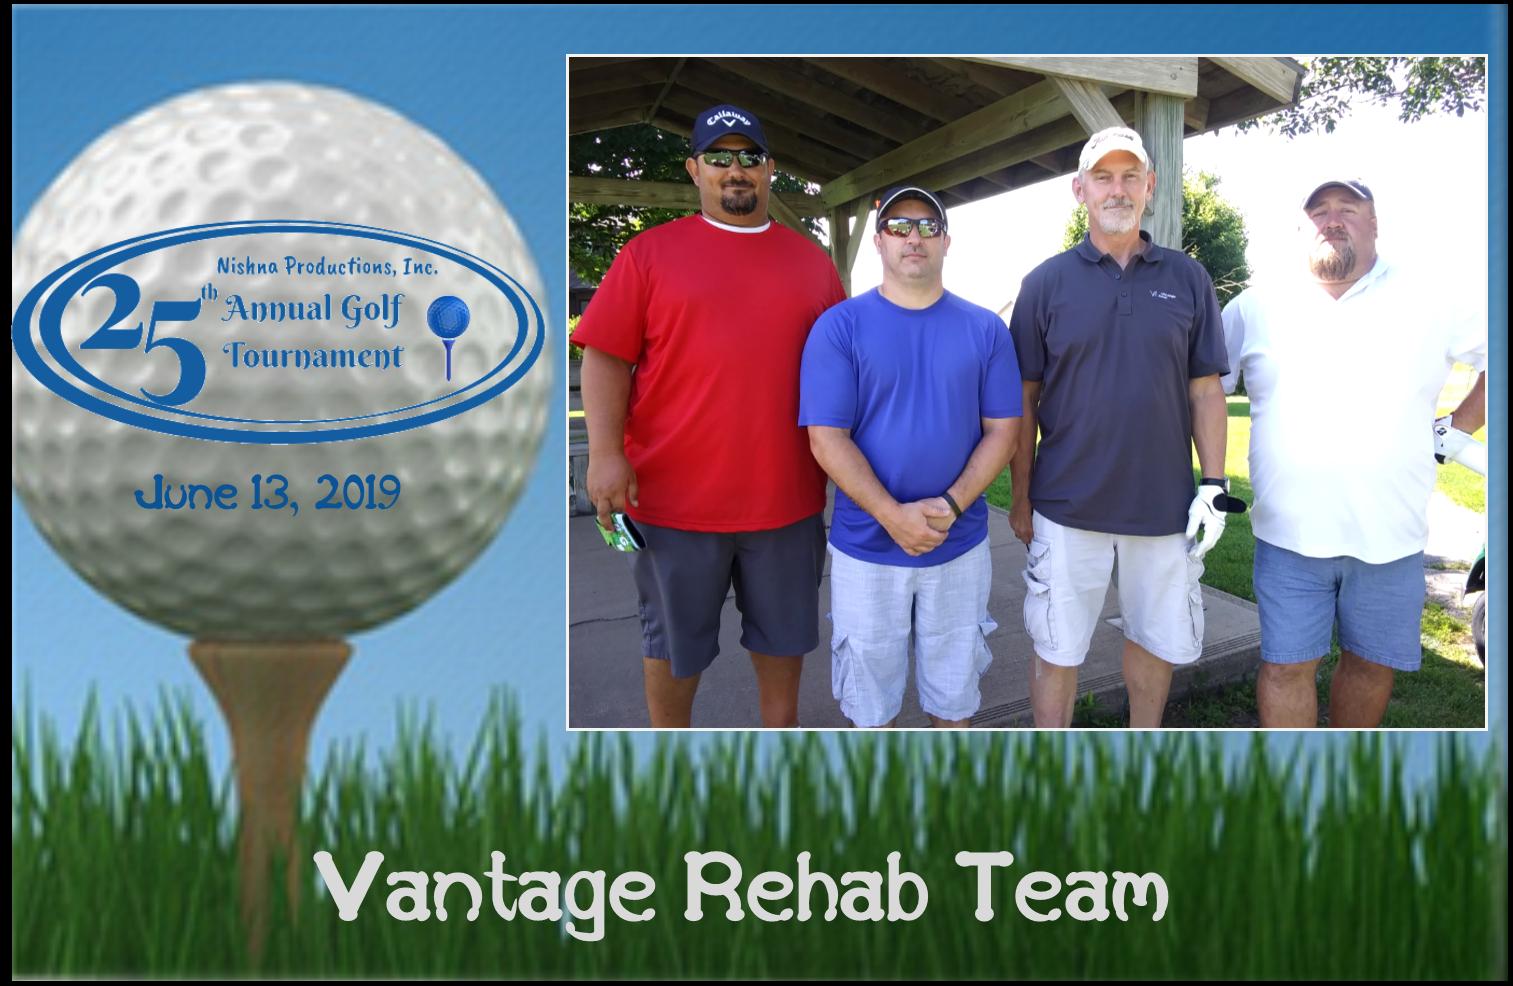 Vantage Rehab Team